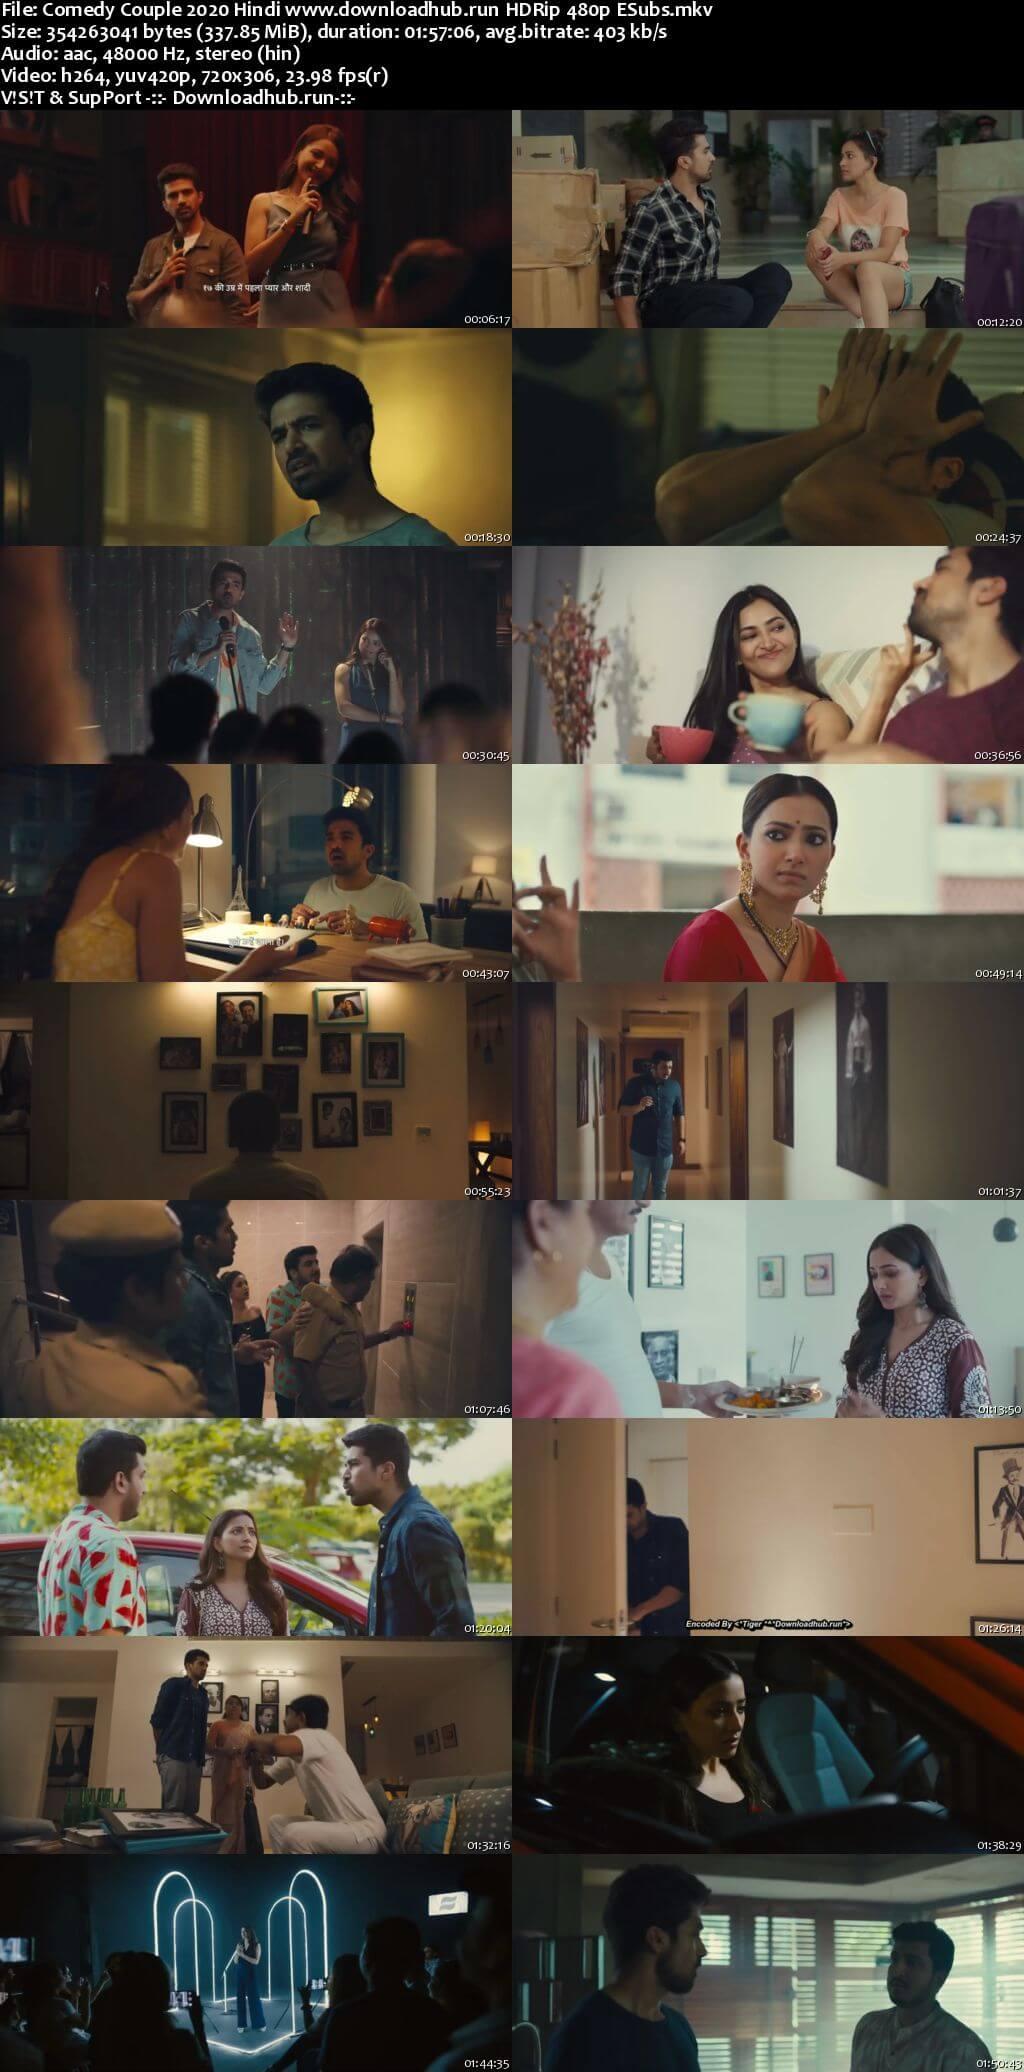 Comedy Couple 2020 Hindi 300MB HDRip 480p ESubs